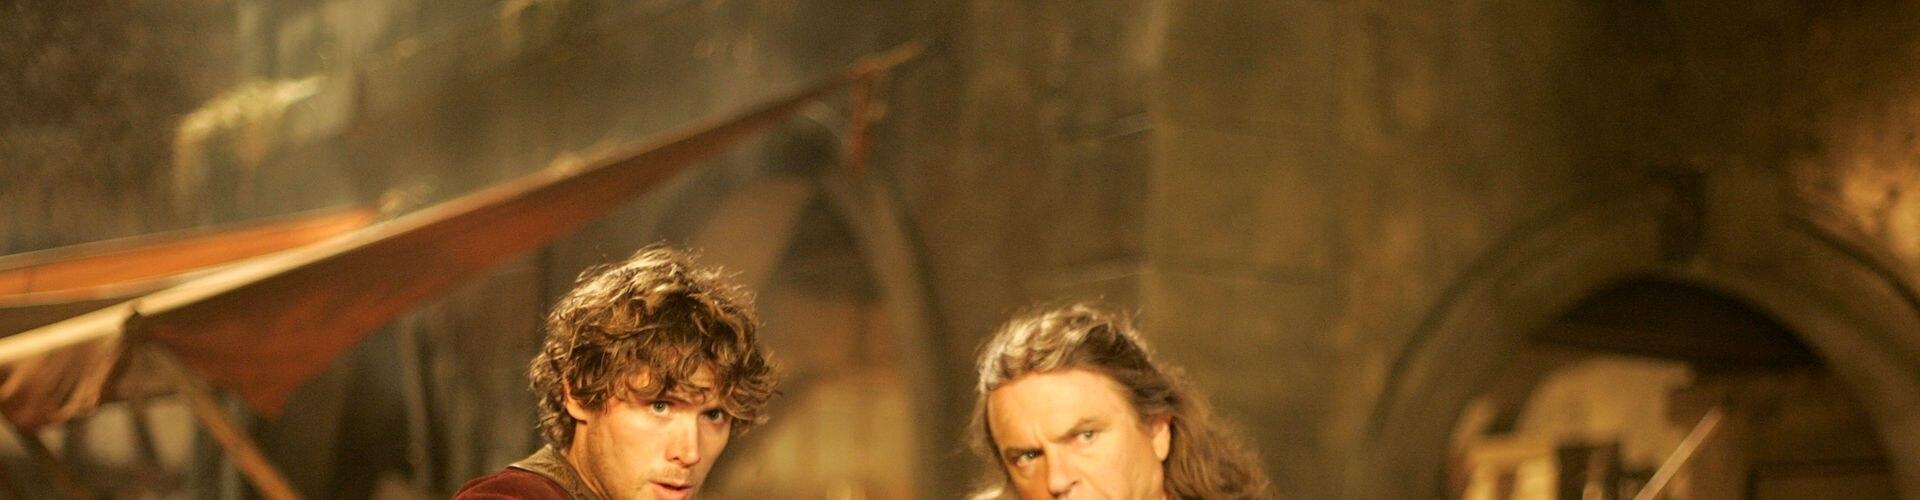 Watch Merlin's Apprentice (2006) Online